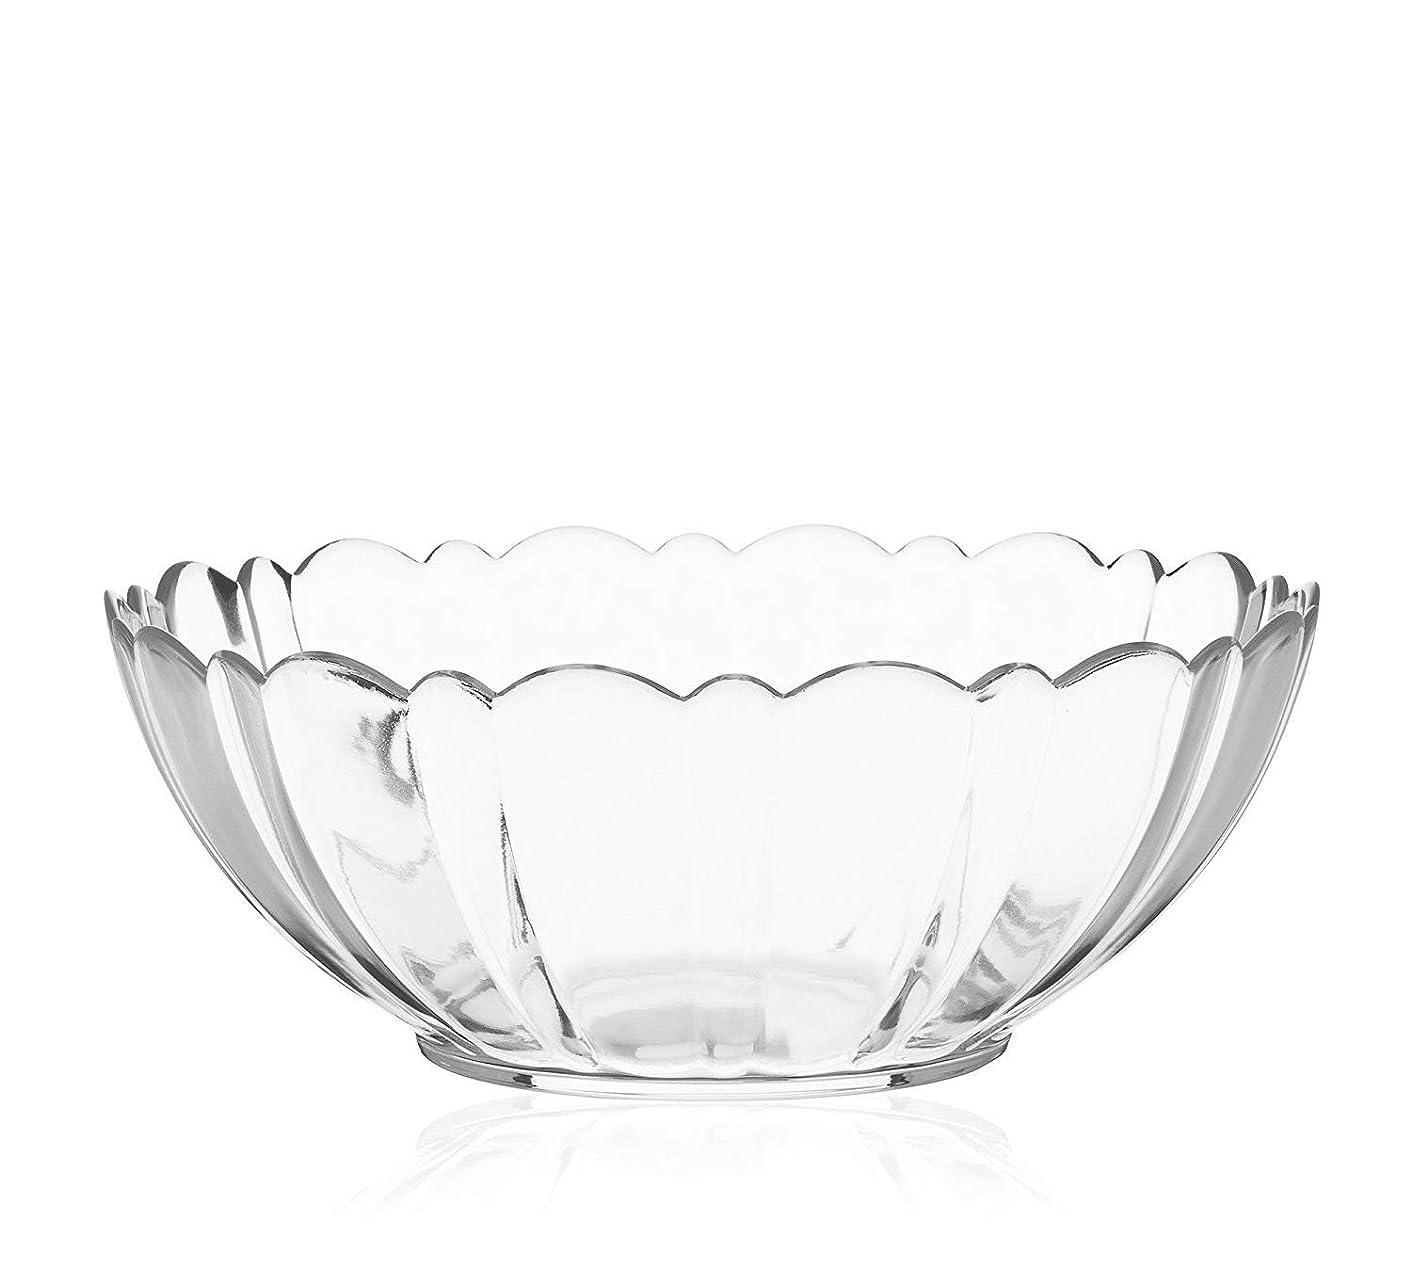 ルビー枠確率テーブルウェアイースト そうめん鉢 23cm アルカド ガラス製 大鉢 鉢 ガラス食器 (23cm)